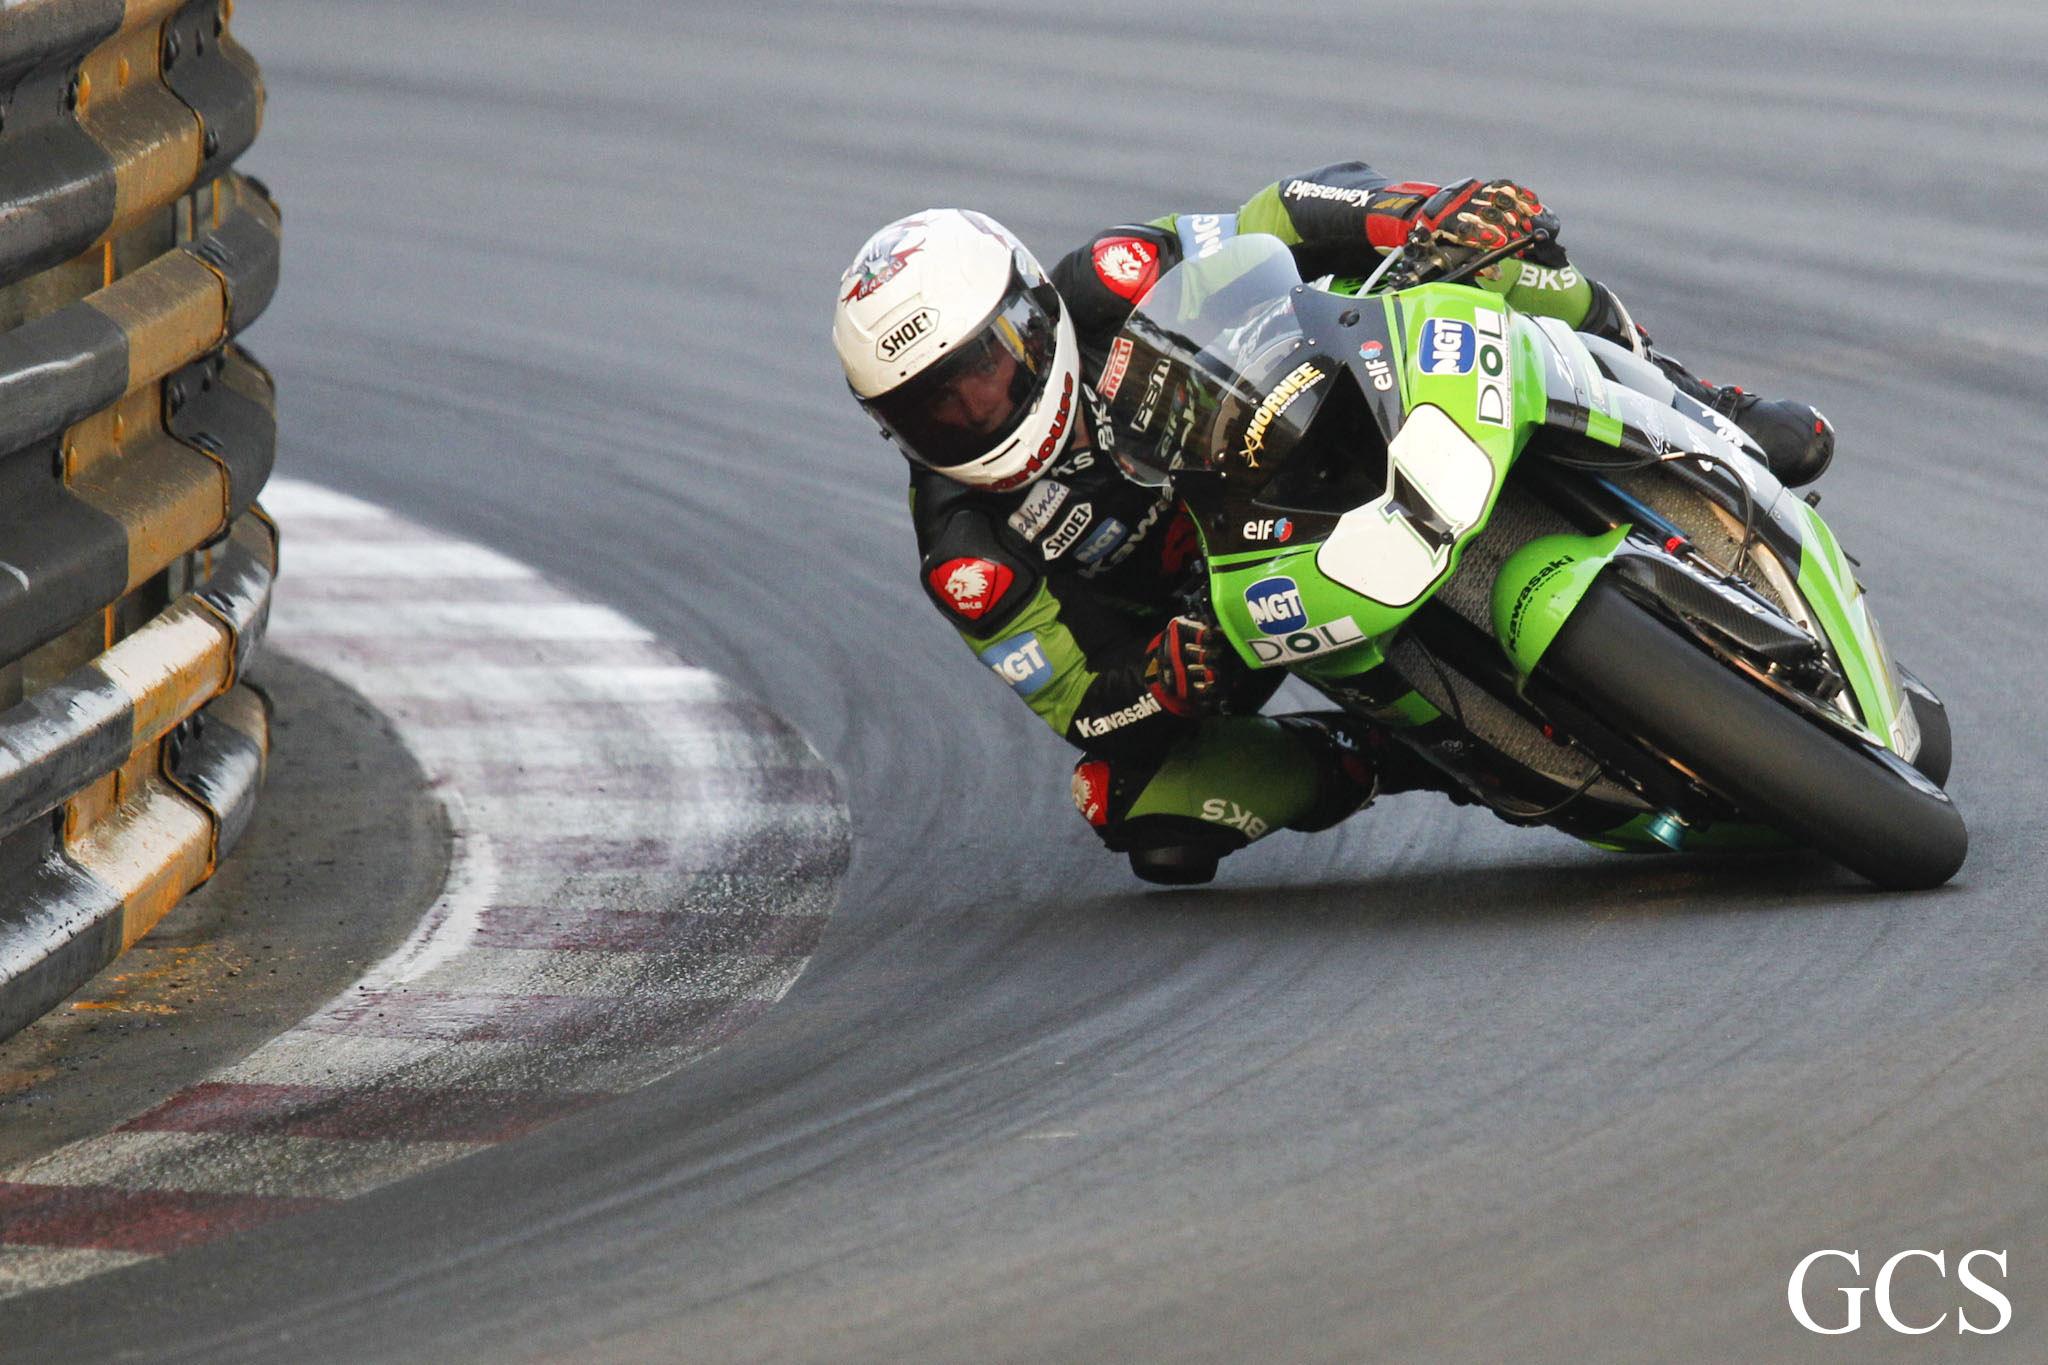 Stuart Easton at Macau GP 2010 credit GCS/Phil Wain